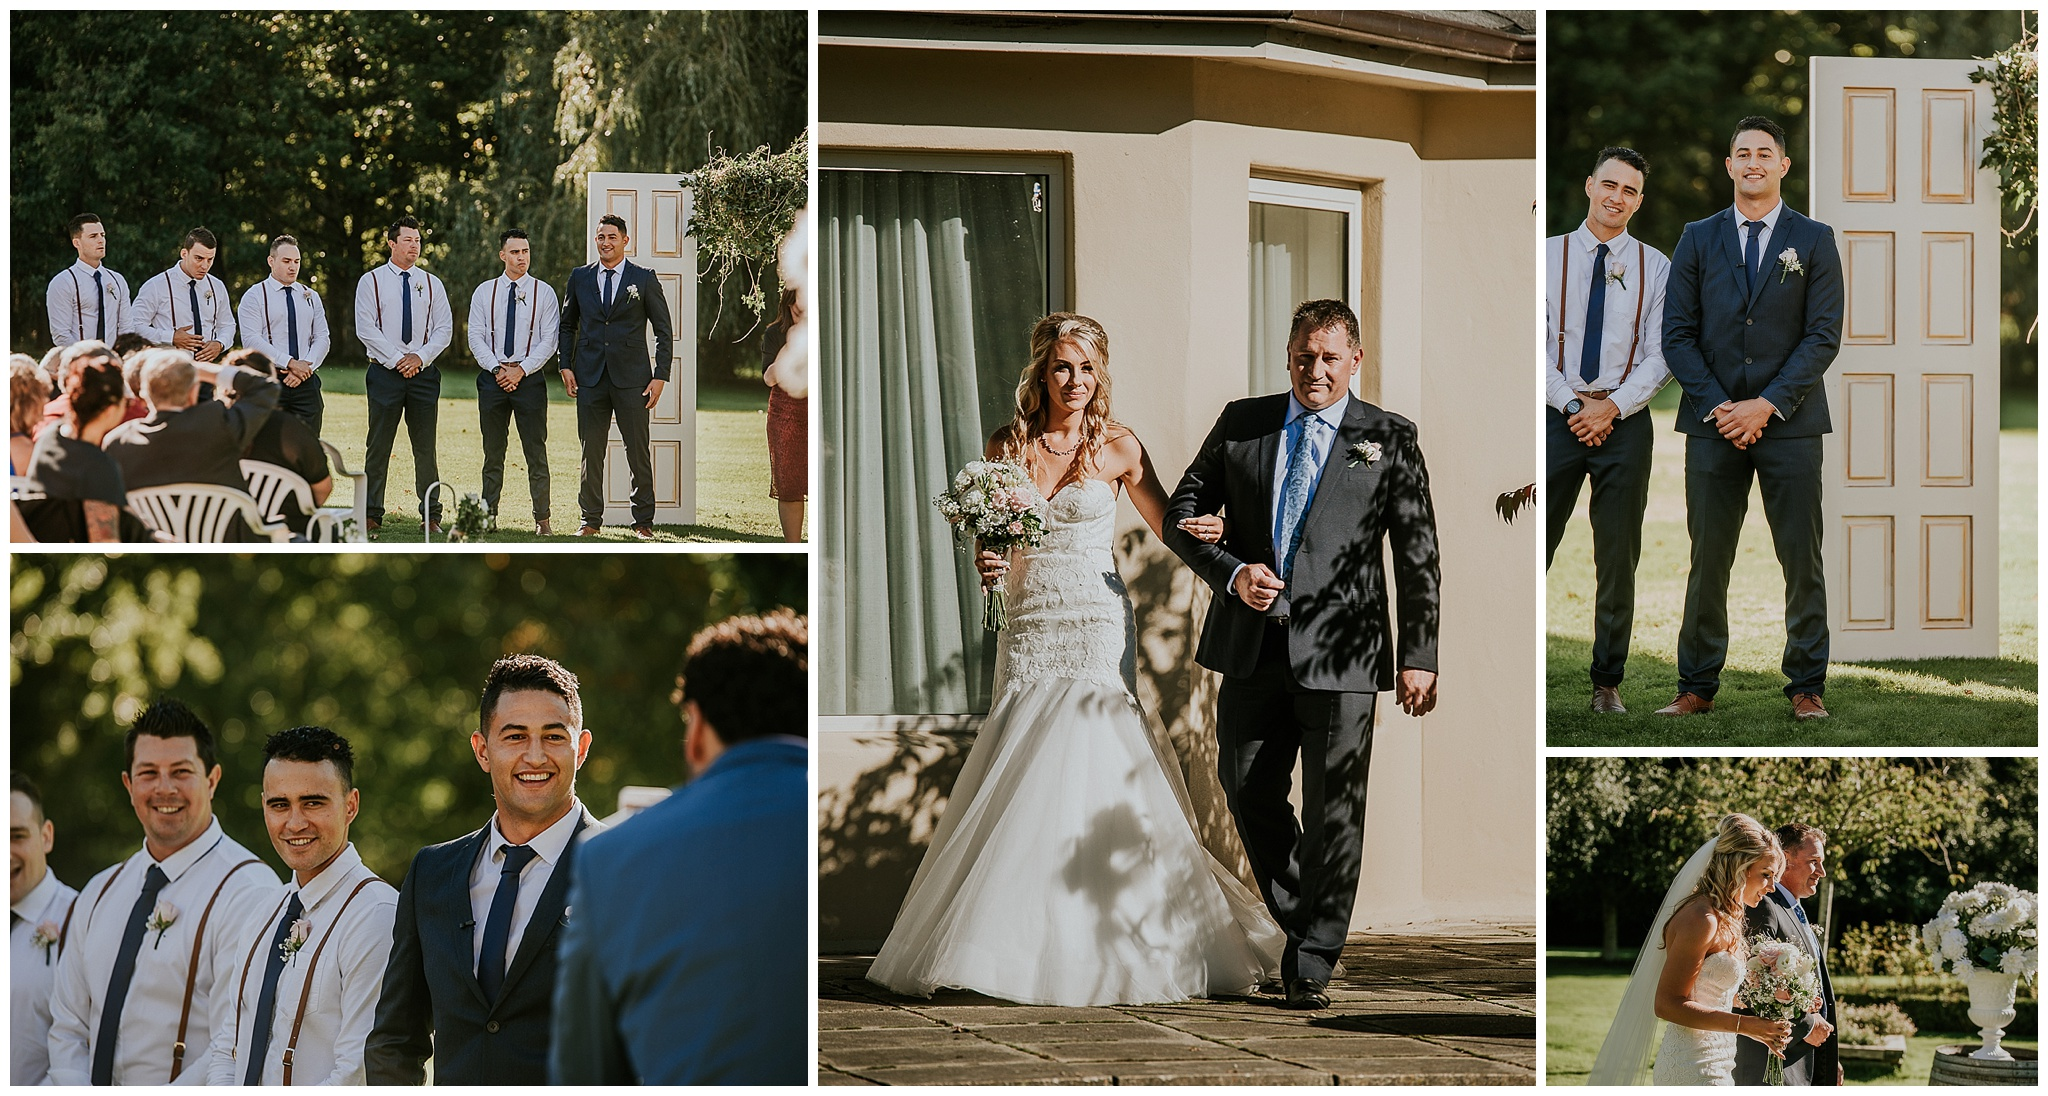 chad-jakalah-christchurch-garden-summer-elegant-auckland-wedding-photographer_0024.jpg